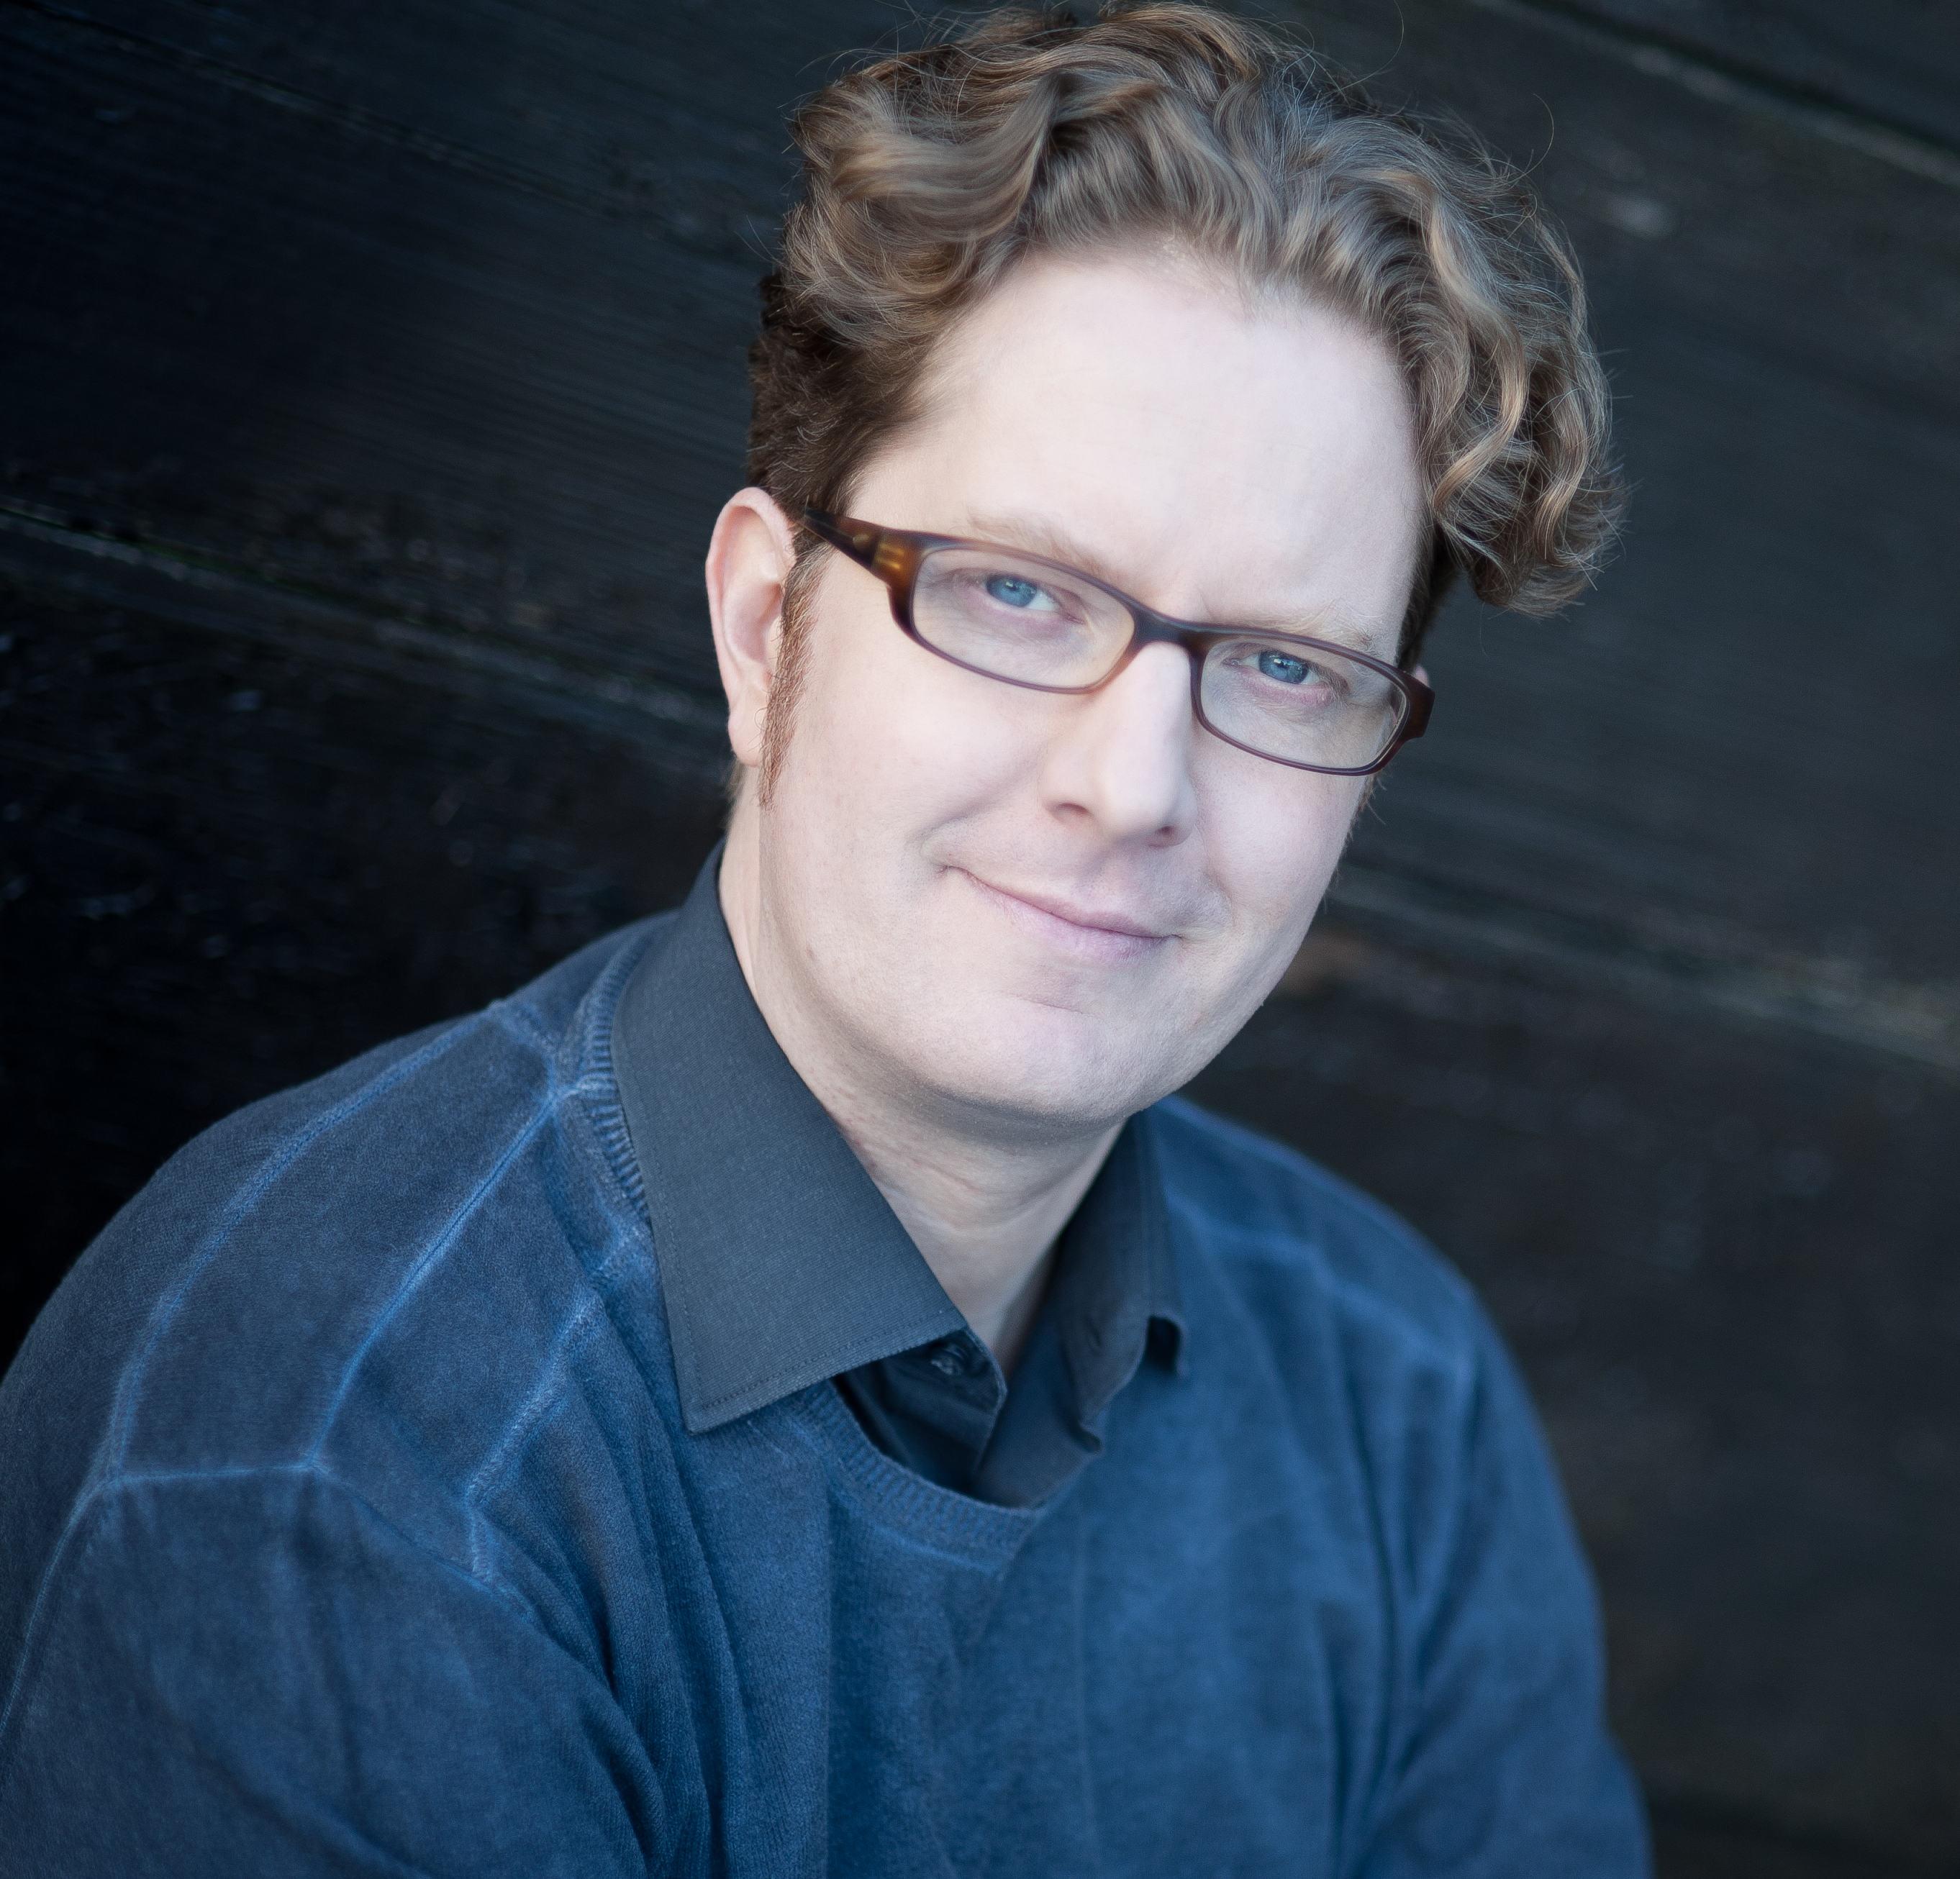 """Michael Meisheit 2012 Portraitaufnahmen von dem Autoren Michael Meisheit © magwell.de / Steven Mahner Verwendung nur mit Genehmigung von magwell.de bei Nennung """"Foto: Steven Mahner"""""""